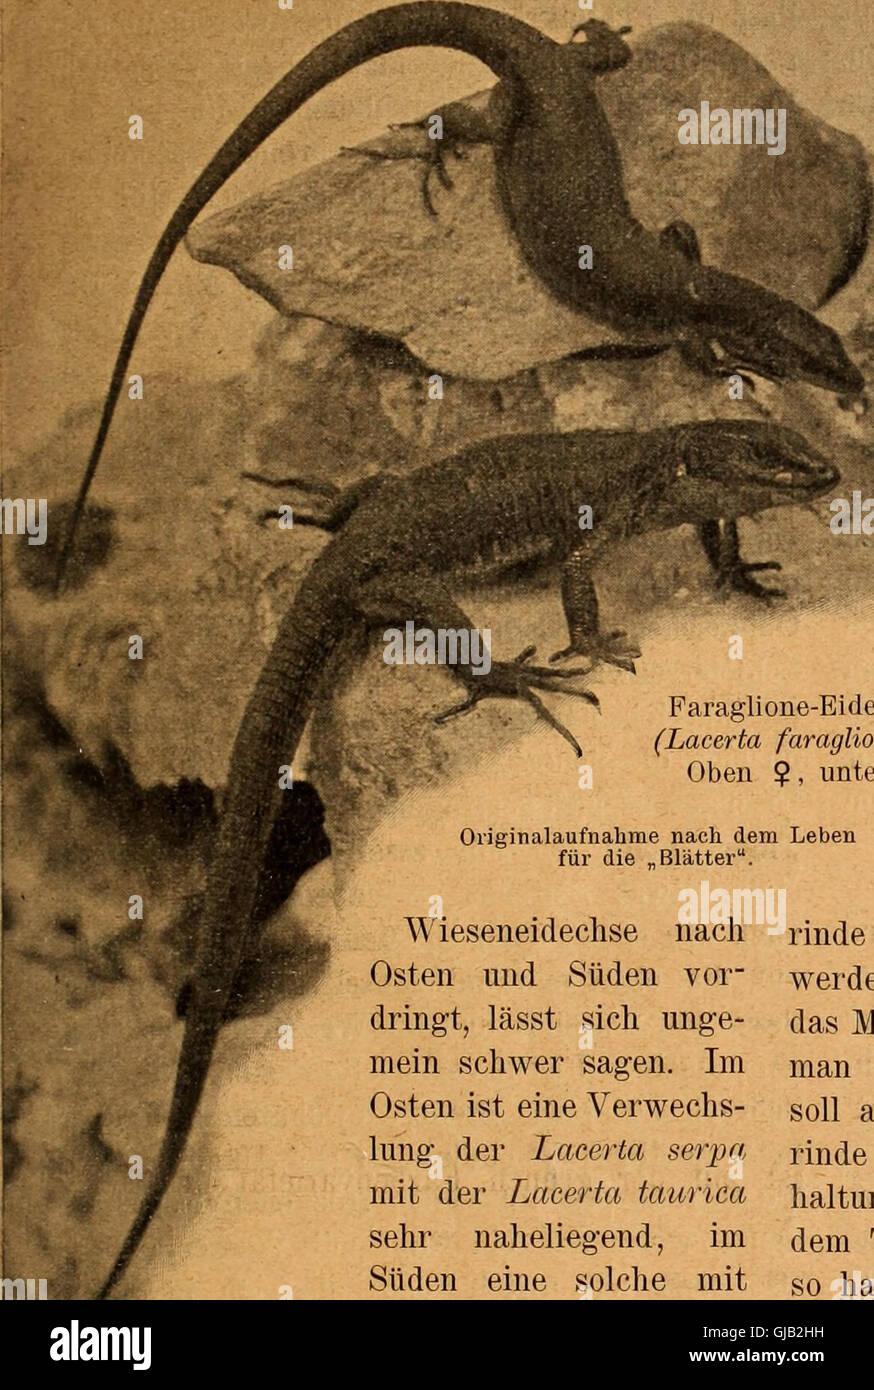 Blätter für Aquarien- und Terrarien-Kunde (1902) Stock Photo